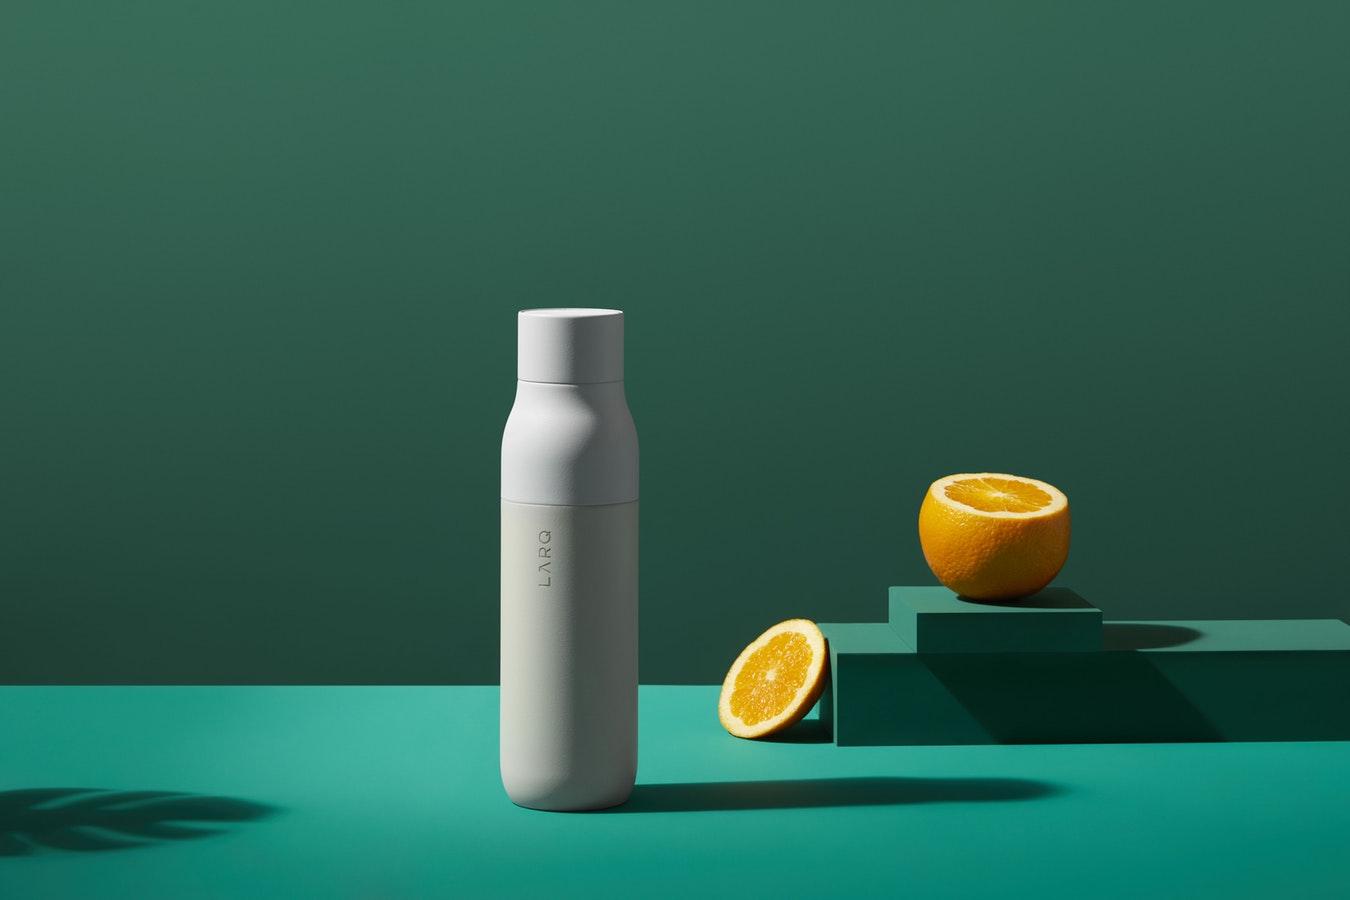 LARQ Flasche mit Orangen